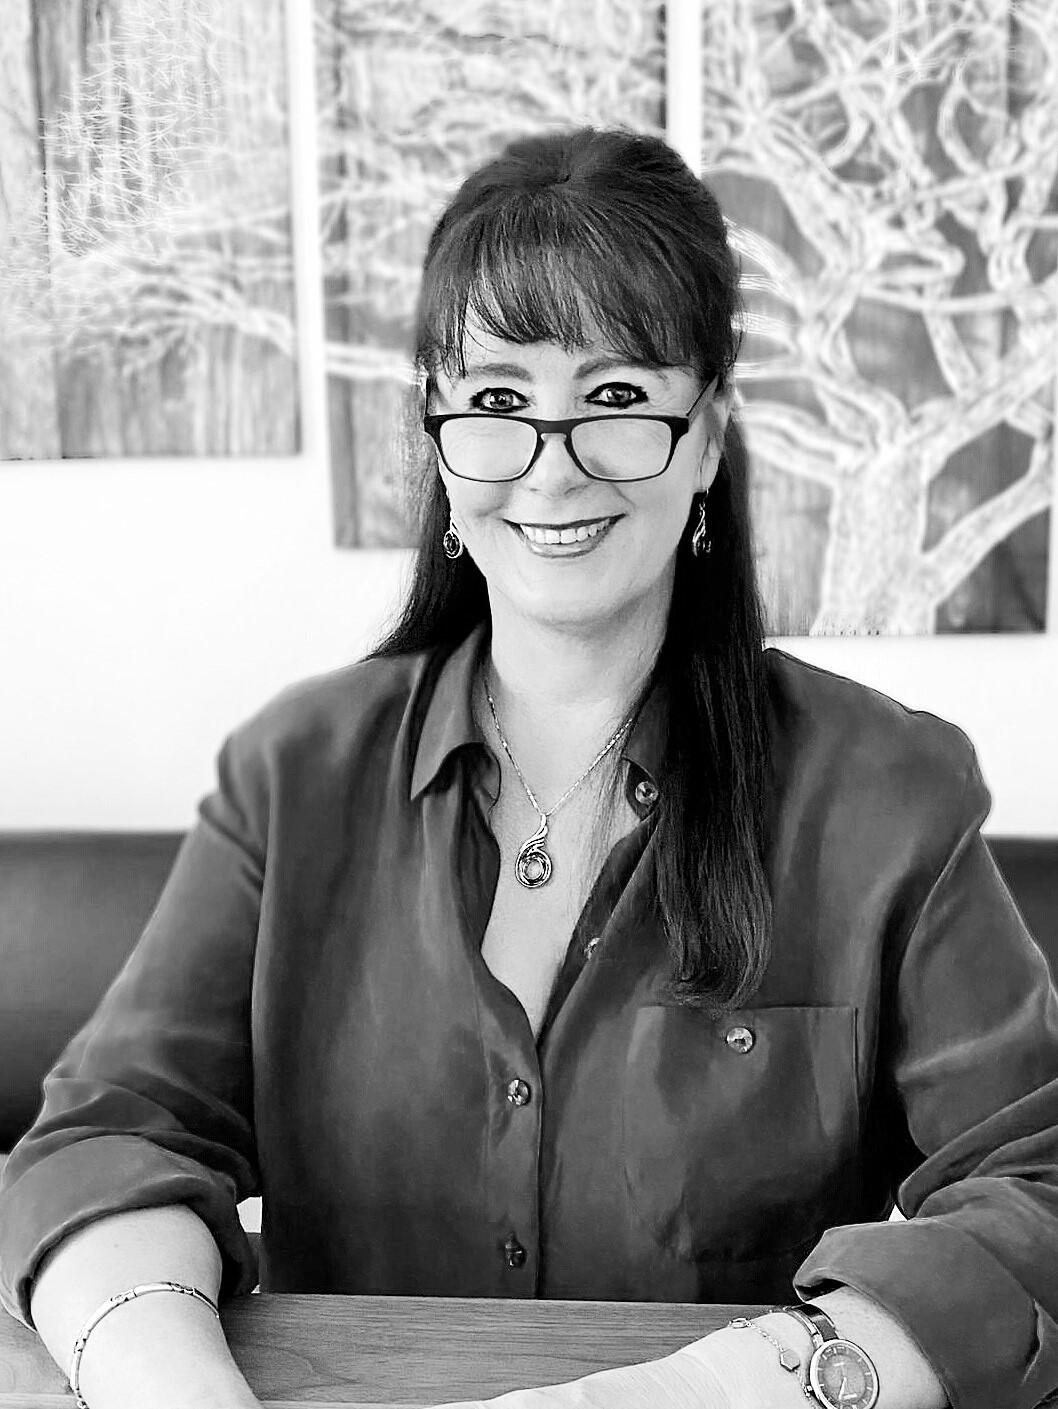 Manuela Büter, Jahrgang 1969 arbeitet in einer Stadtverwaltung am Niederrhein, wenn sie nicht gerade Thriller schreibt.